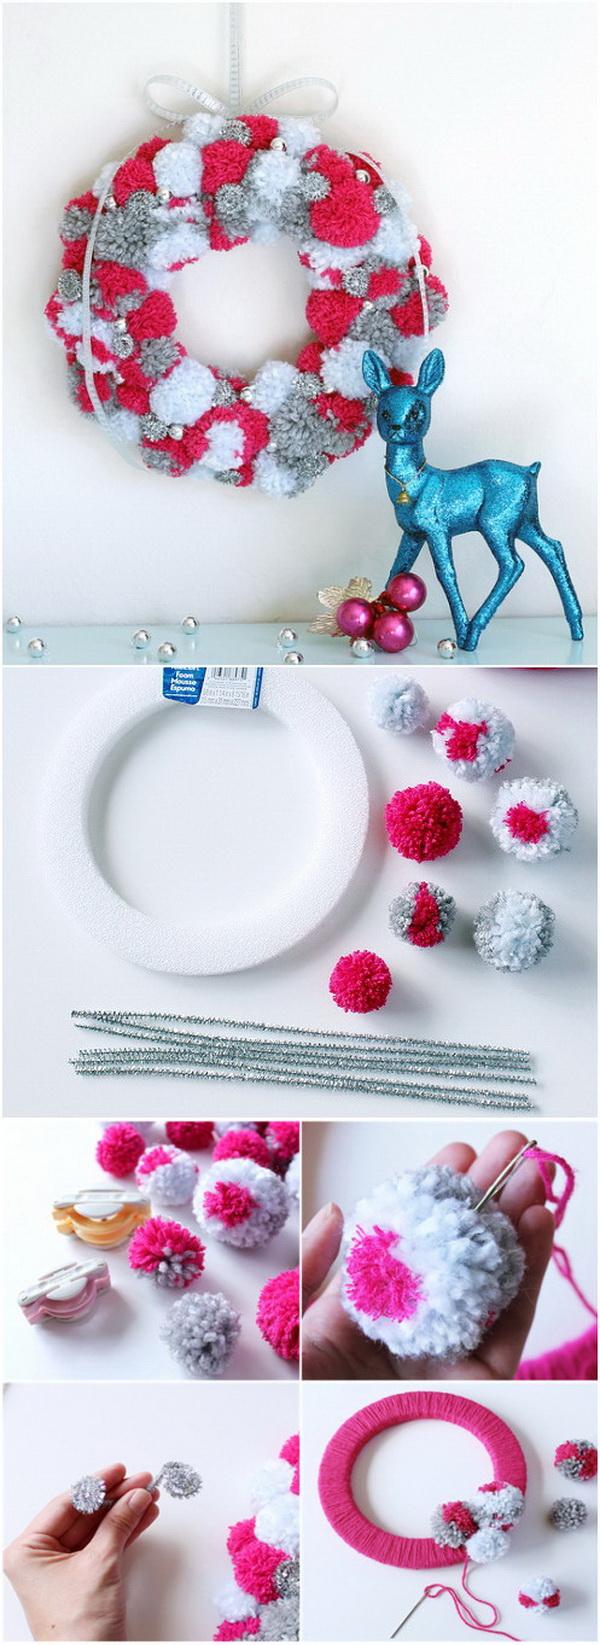 DIY Holiday Pompom Wreath.